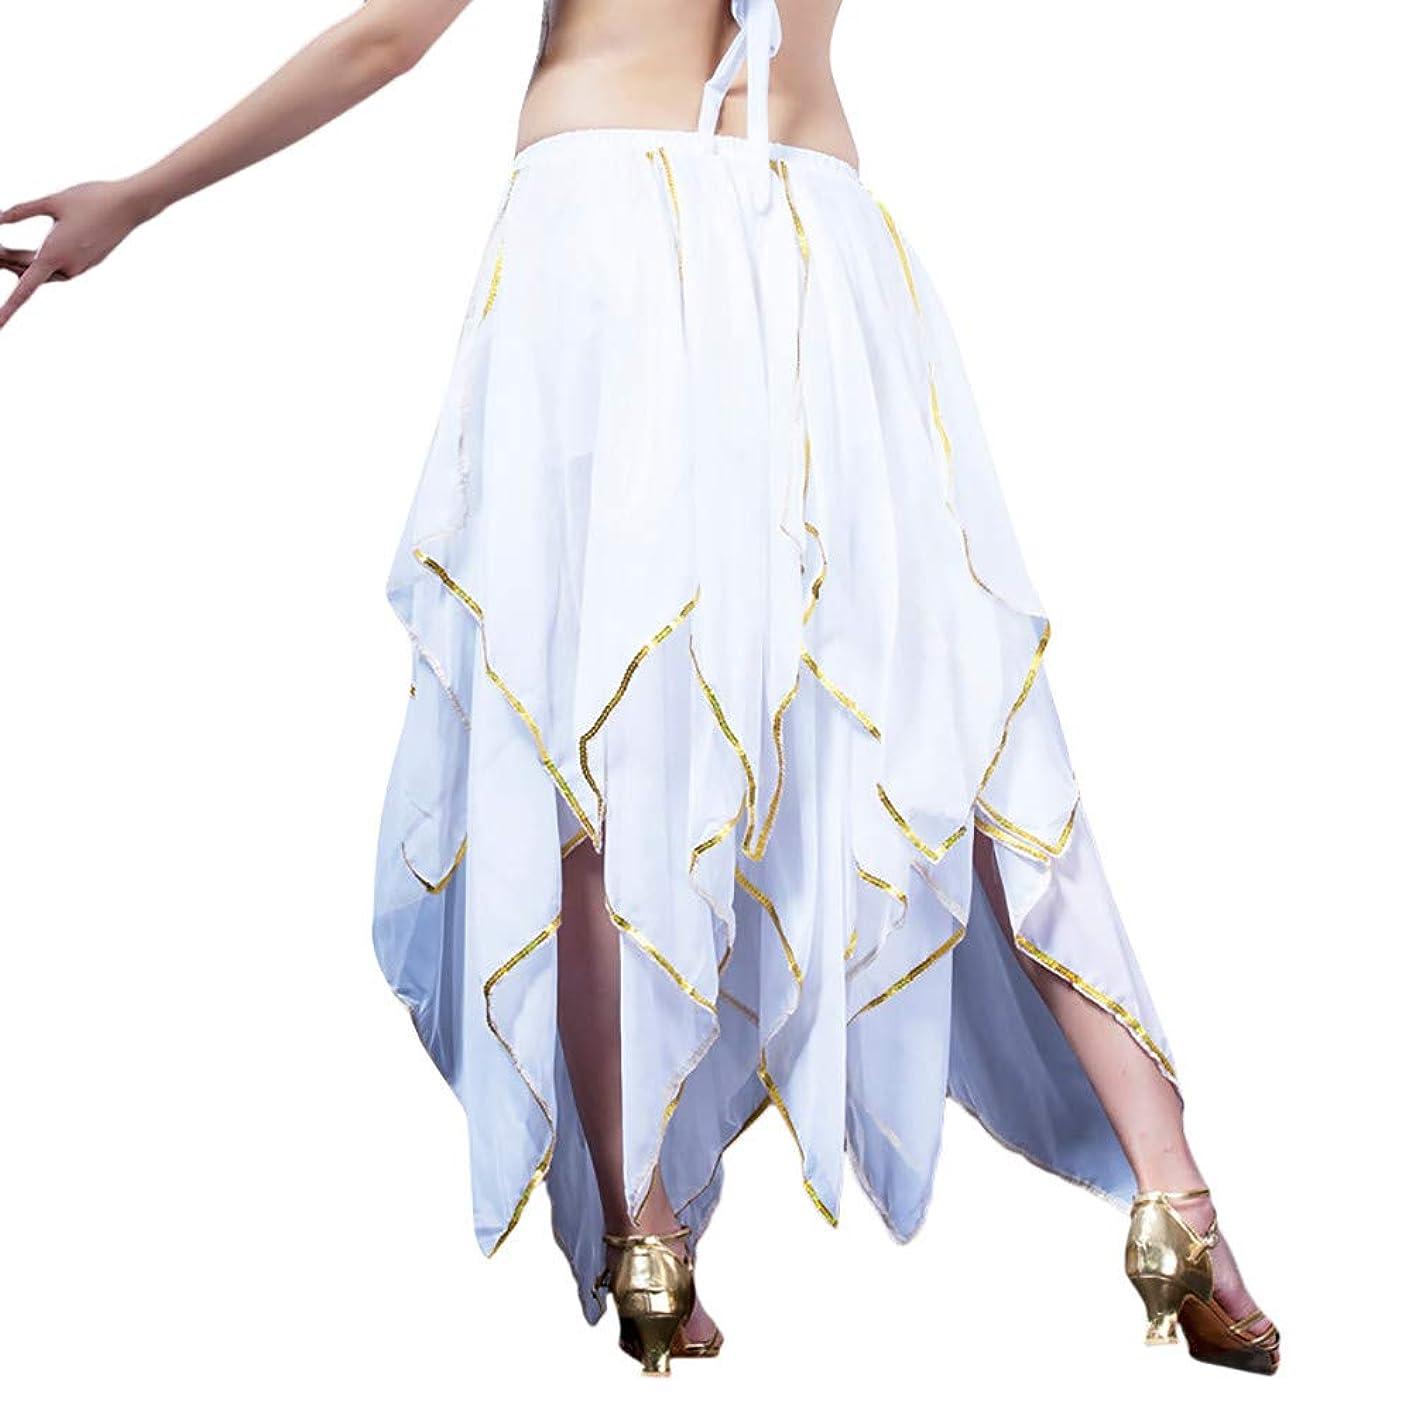 Women Dance Performance Skirt prom Sequin Side Split Skirt Chiffon Belly Skirt